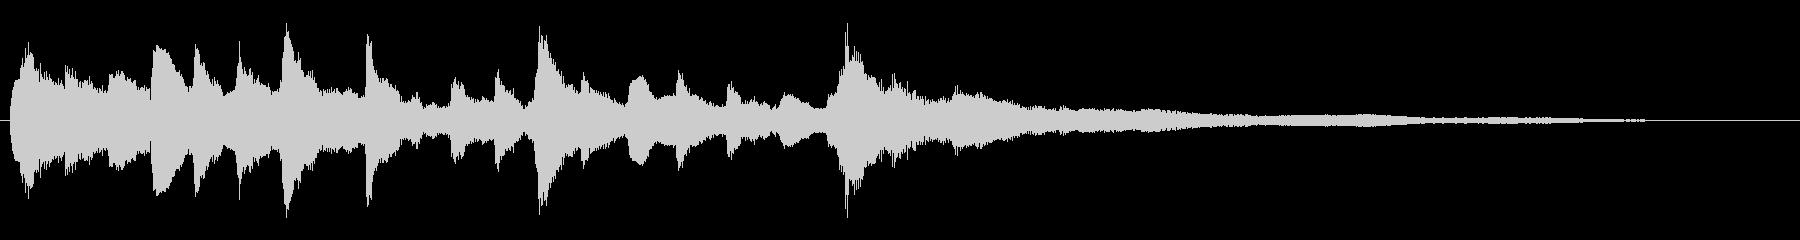 CM・サウンドロゴ ピアノのジングルの未再生の波形